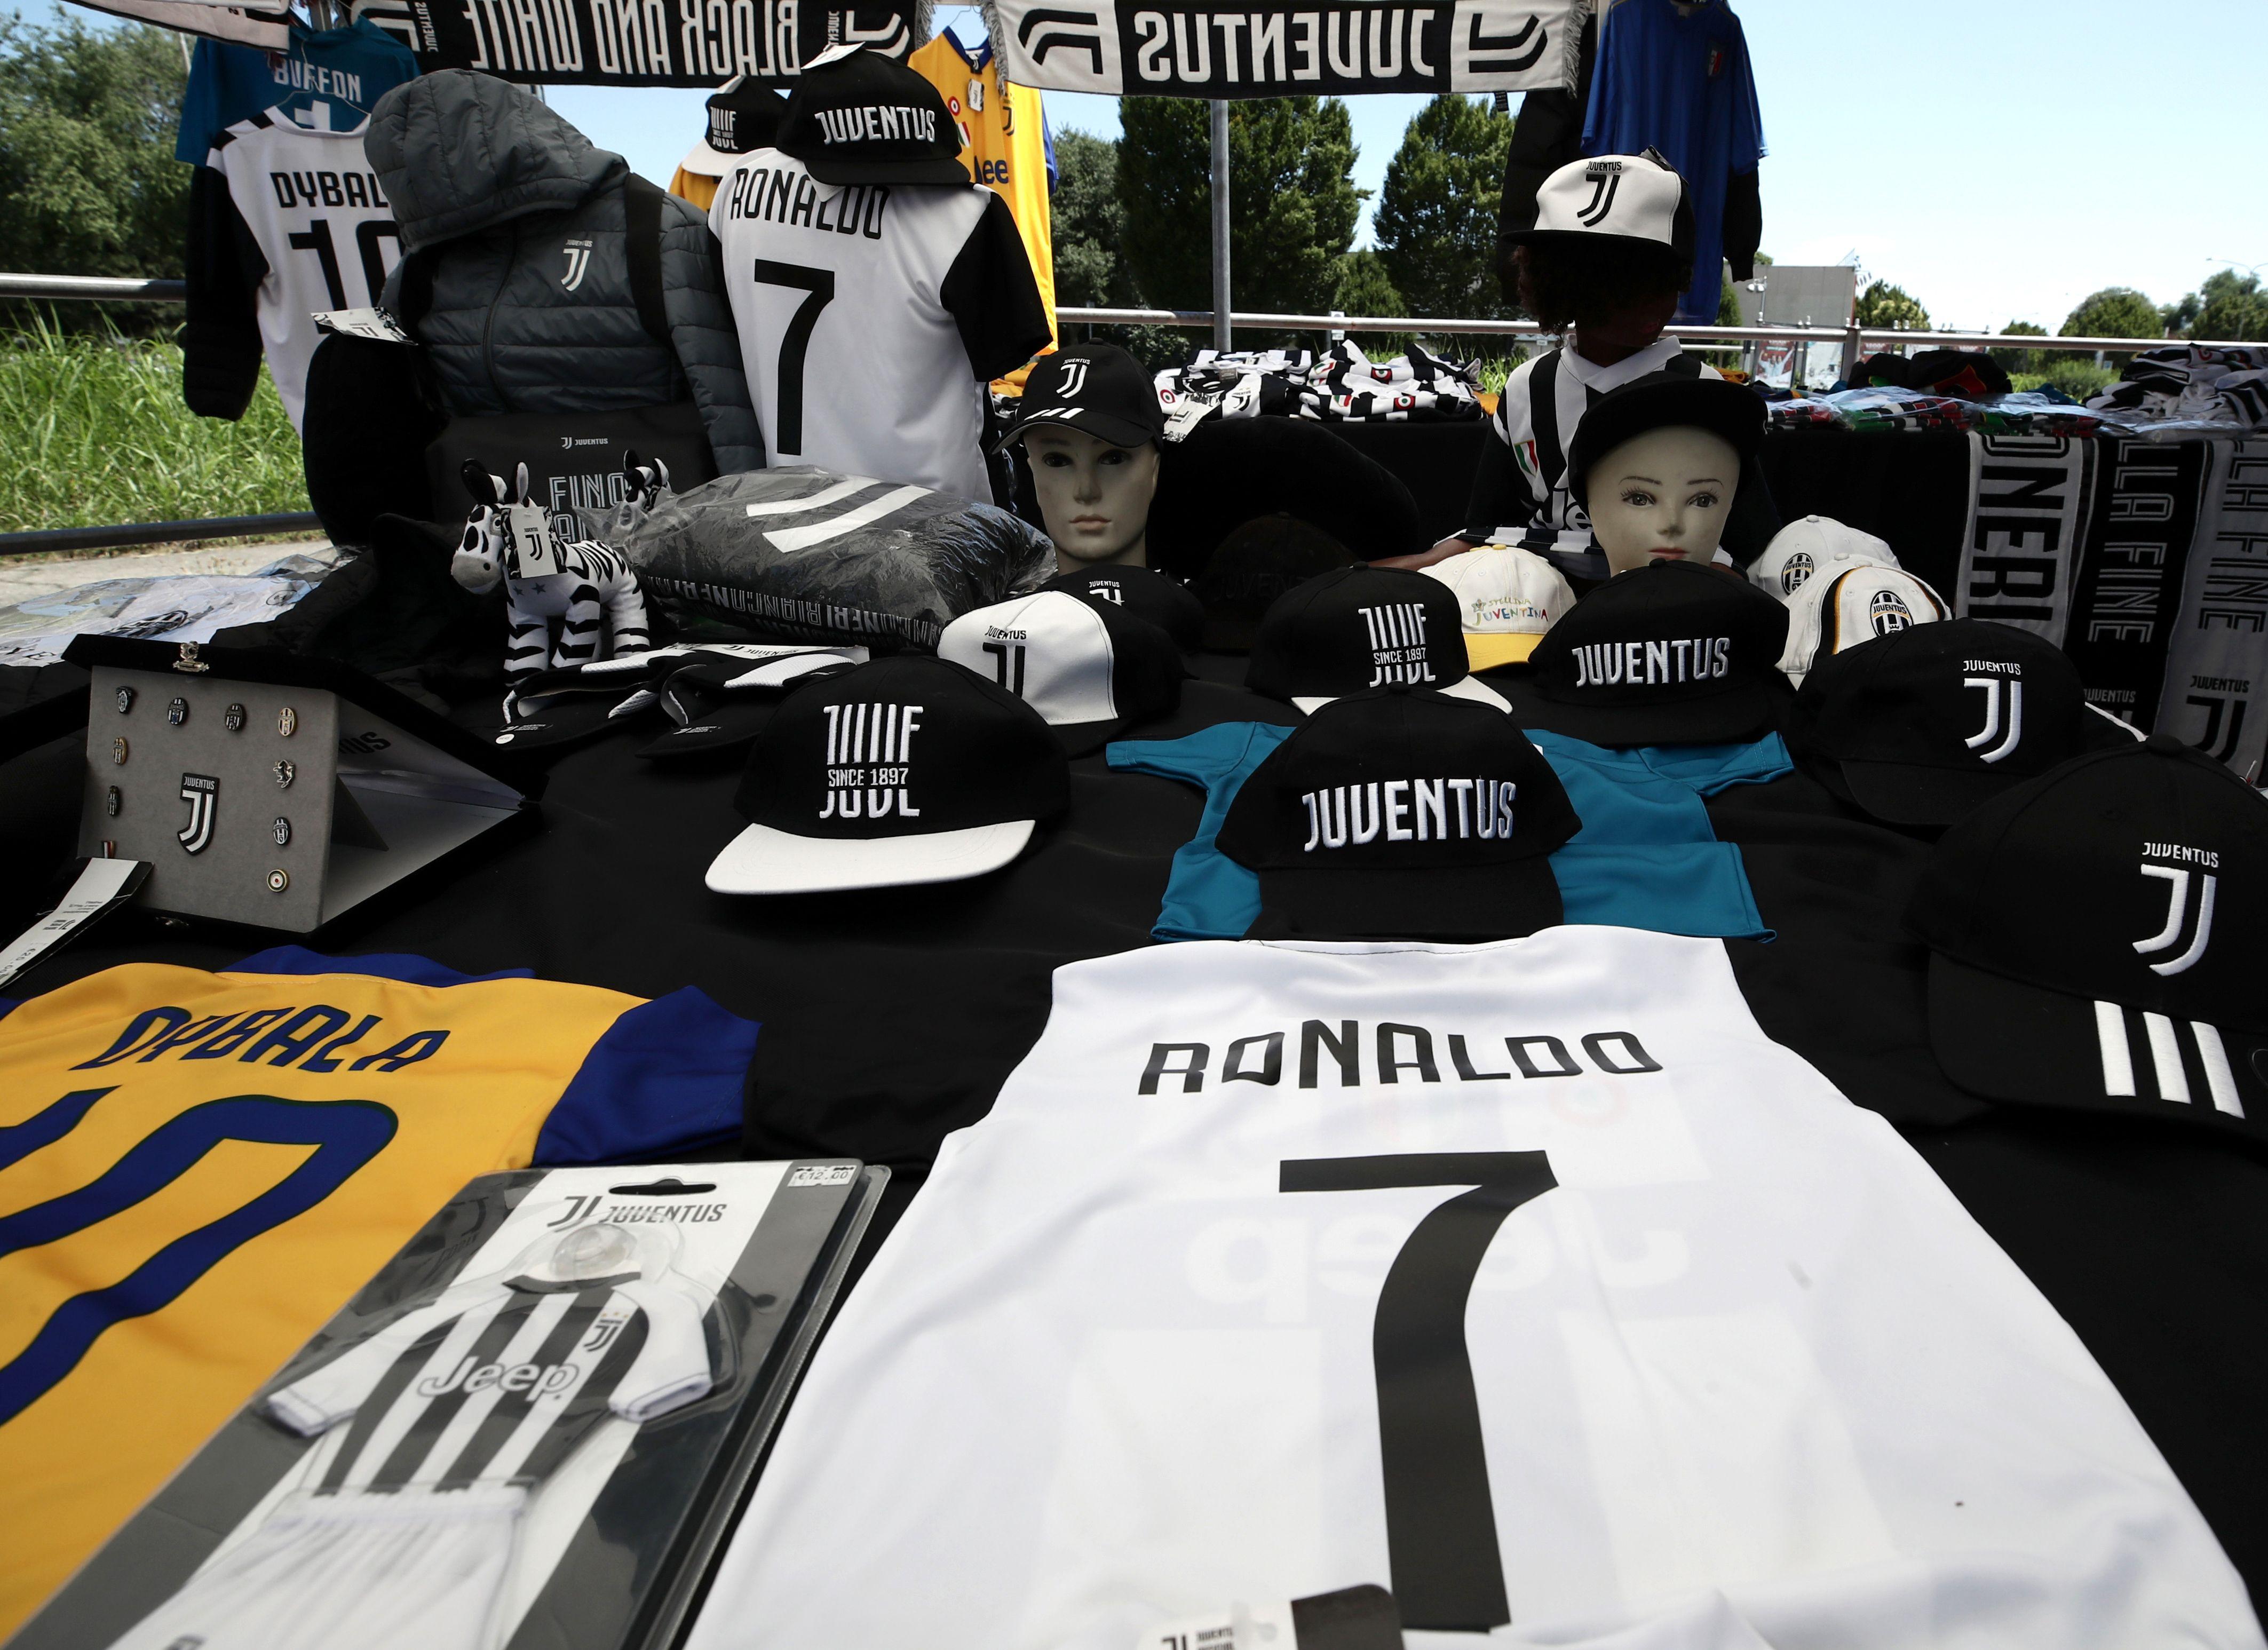 Ronaldo Juventus jerseys